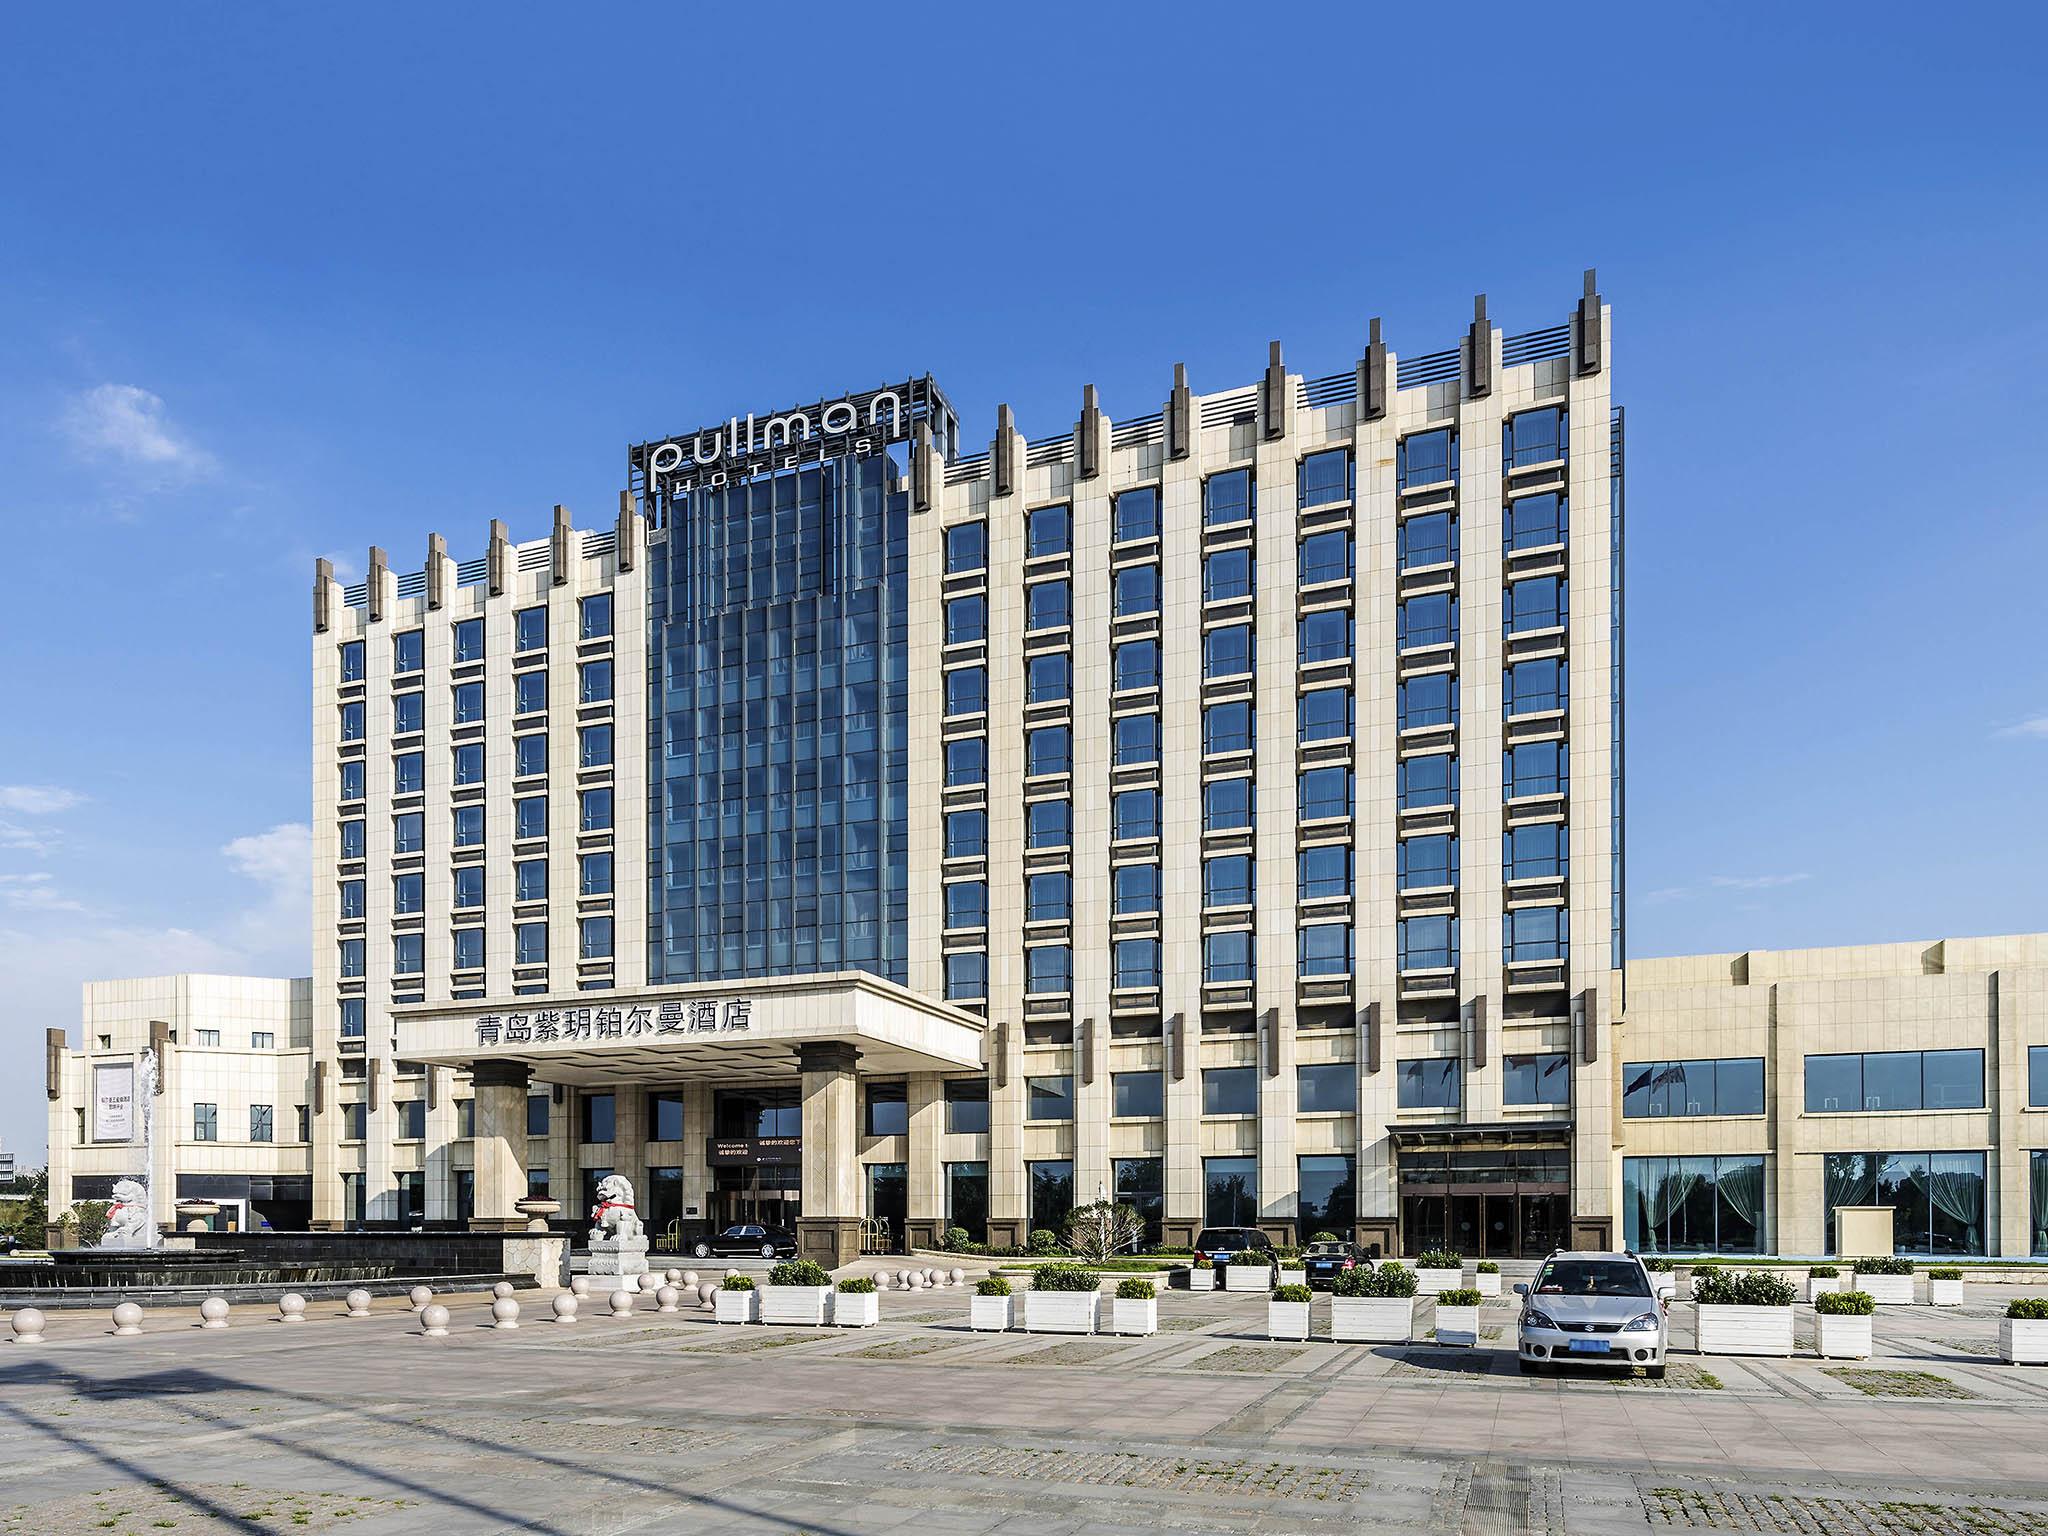 فندق - Pullman Qingdao Ziyue